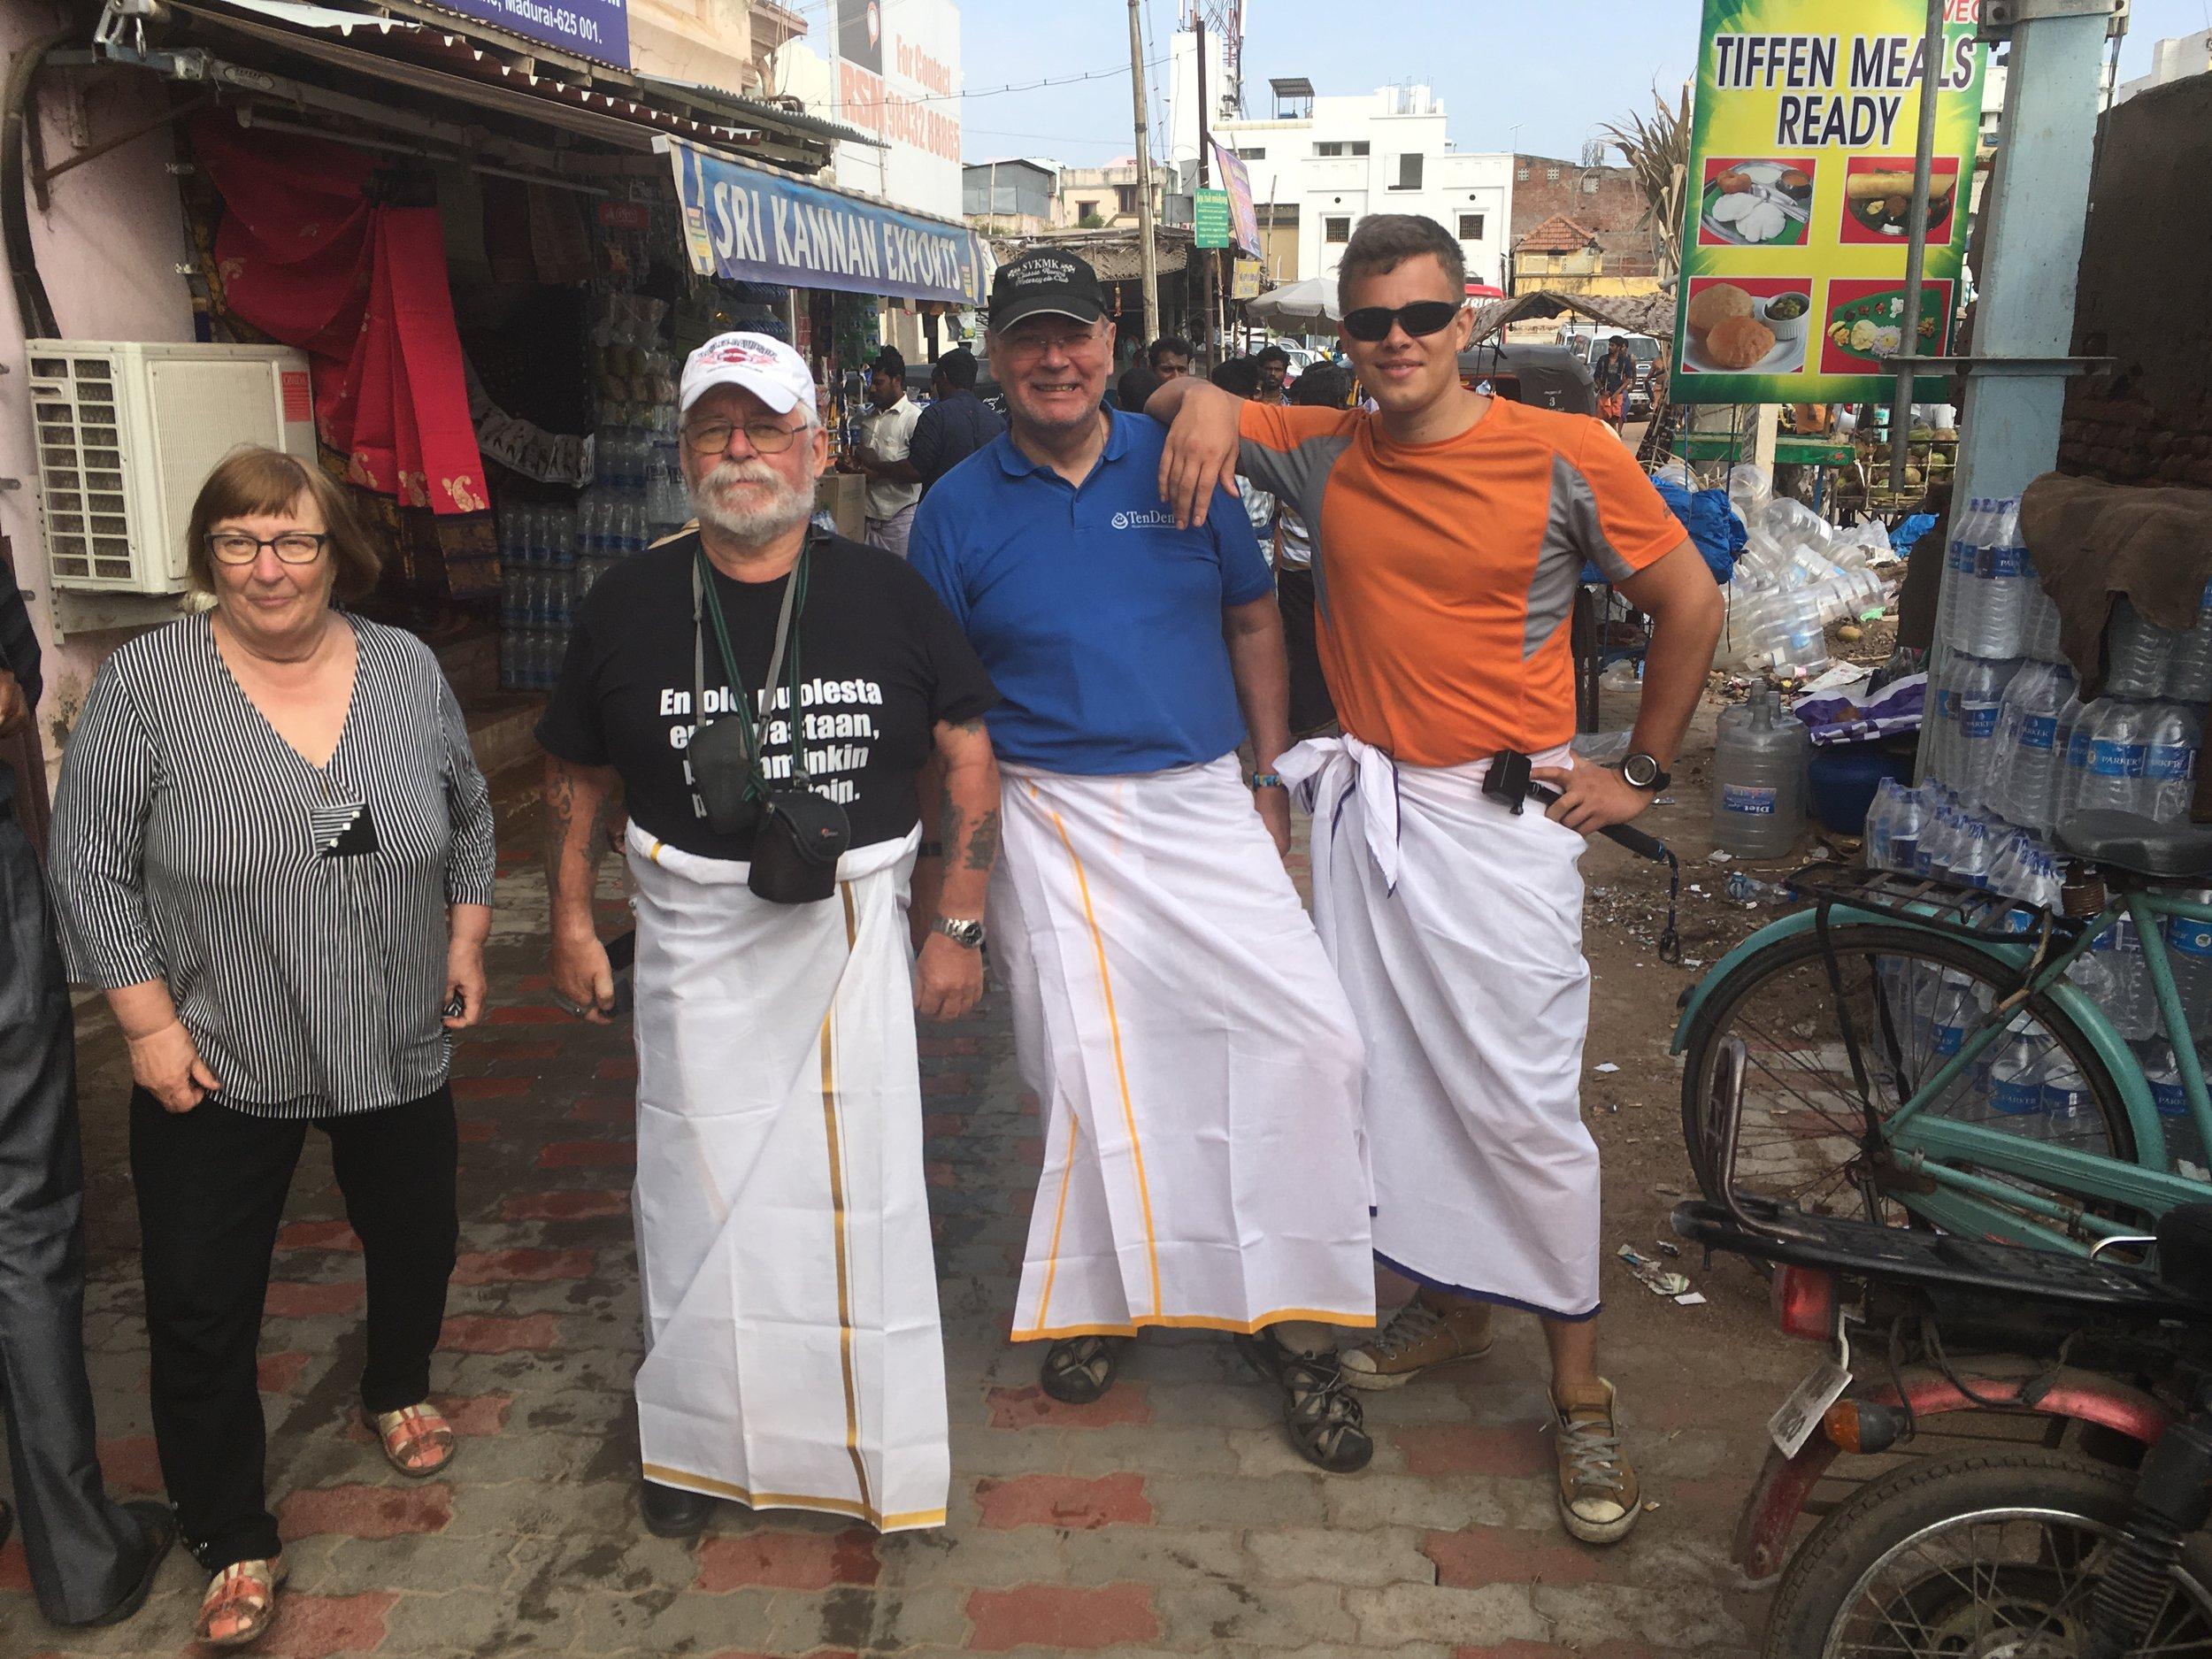 Tehtiin aika amatööri virhe ja lähdettiin temppeliretkelle shortsit jalassa - se ei paikalisille jumalille käy! Huomattiin pian, että paikalliset miehet käyttävät, normaalielämässäkin, hametta tai tarkemmin sanotttuna dhotia. Riksakuskillamme oli tietysti kulman takana serkku joka möi kangasta :) Intiassa kaikki järjestyy...